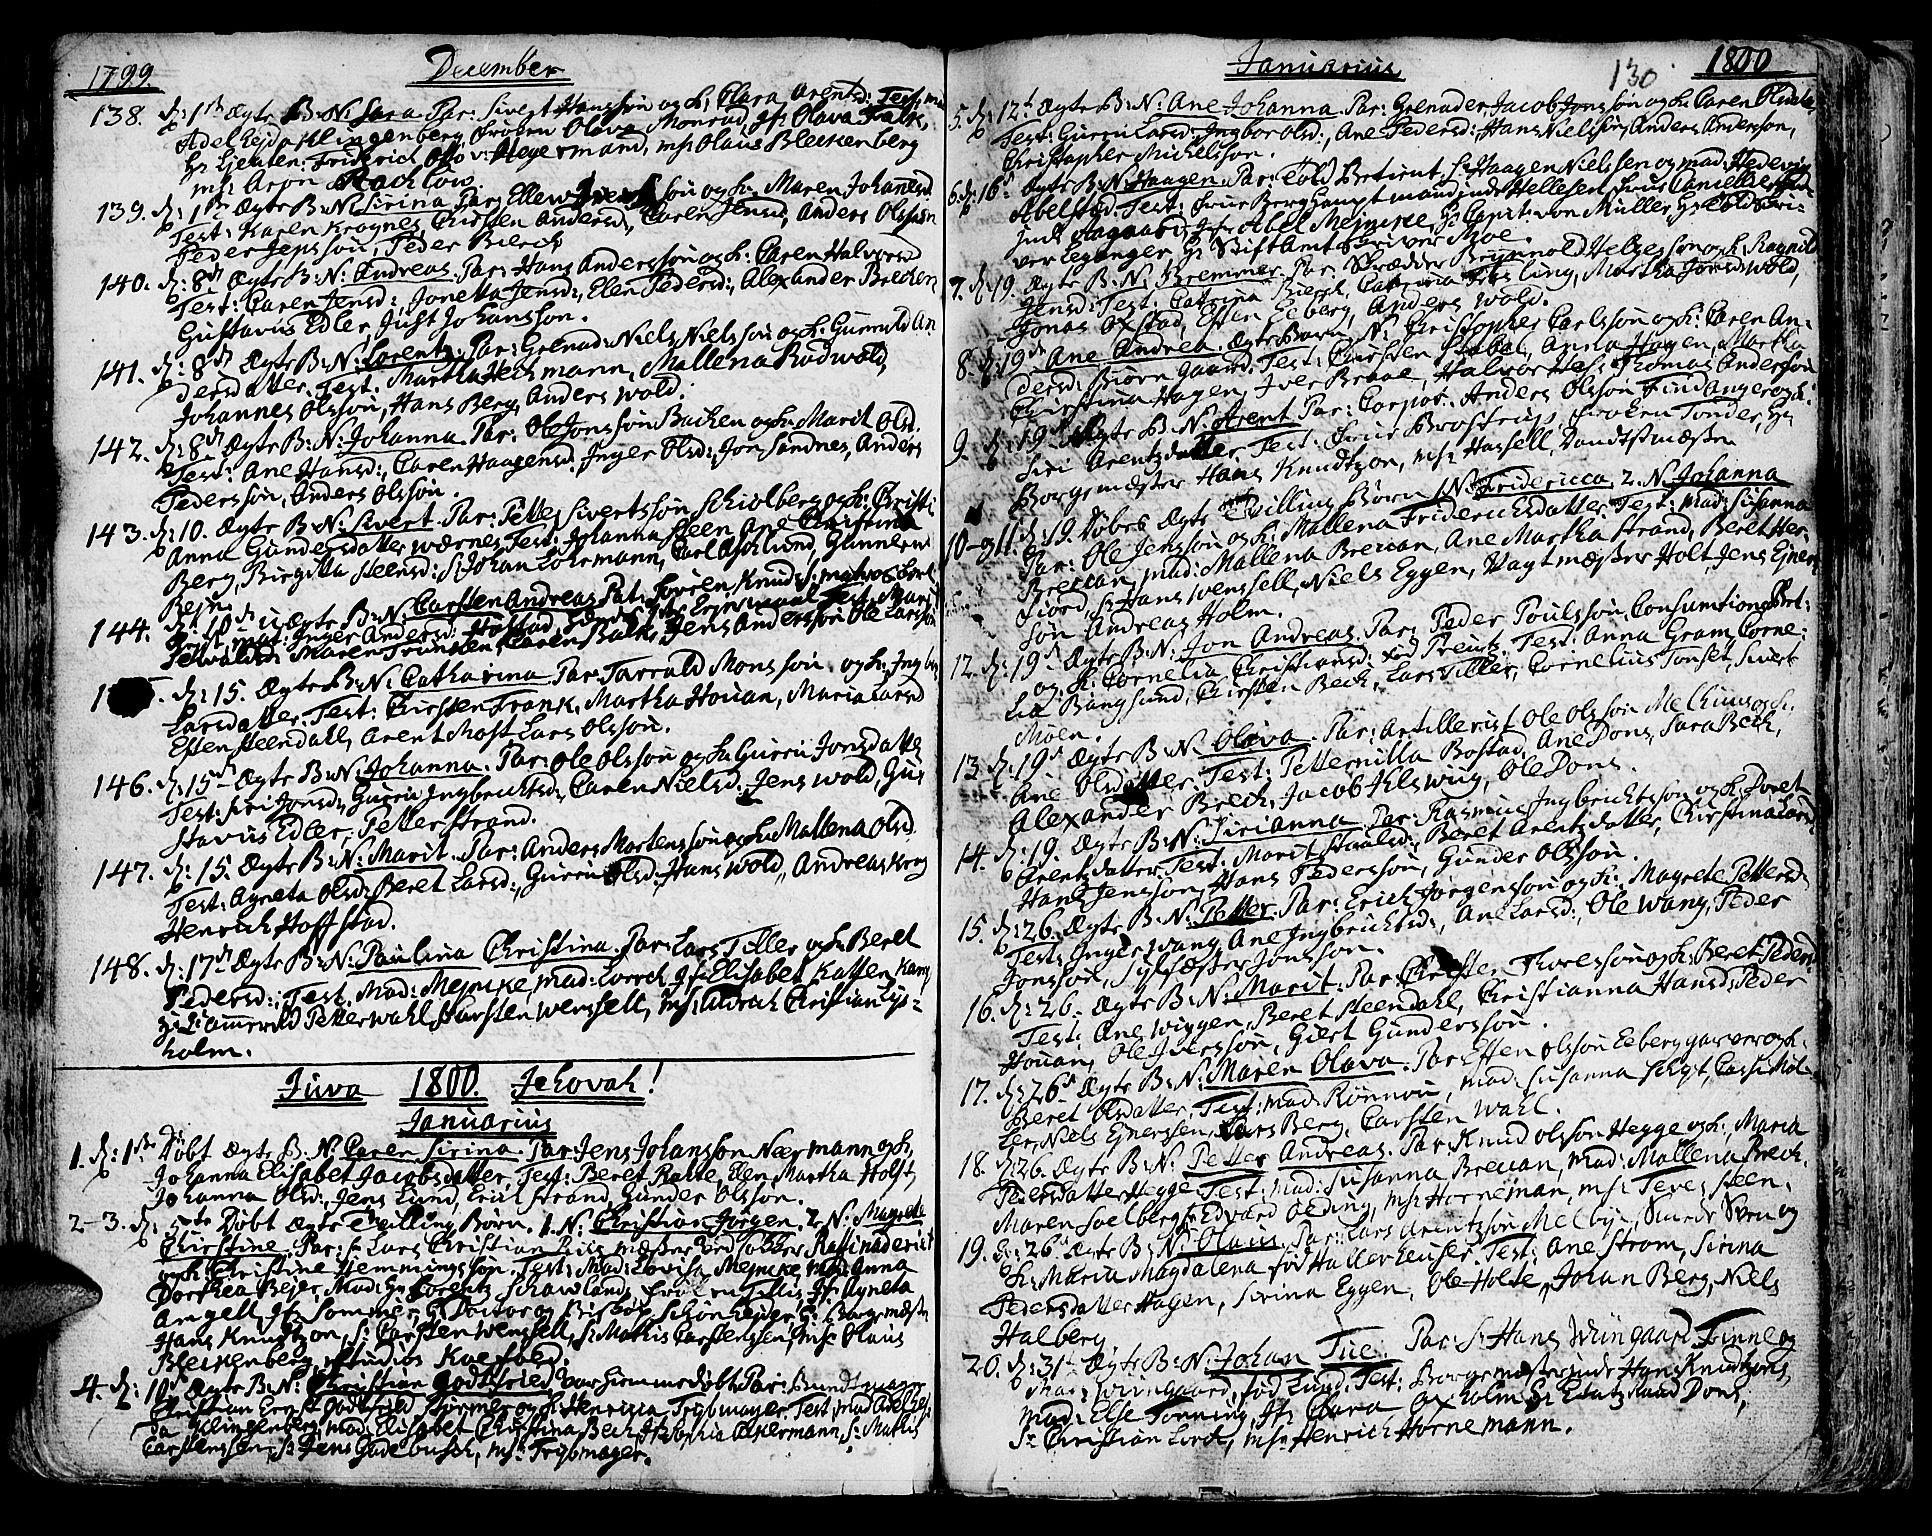 SAT, Ministerialprotokoller, klokkerbøker og fødselsregistre - Sør-Trøndelag, 601/L0039: Ministerialbok nr. 601A07, 1770-1819, s. 130